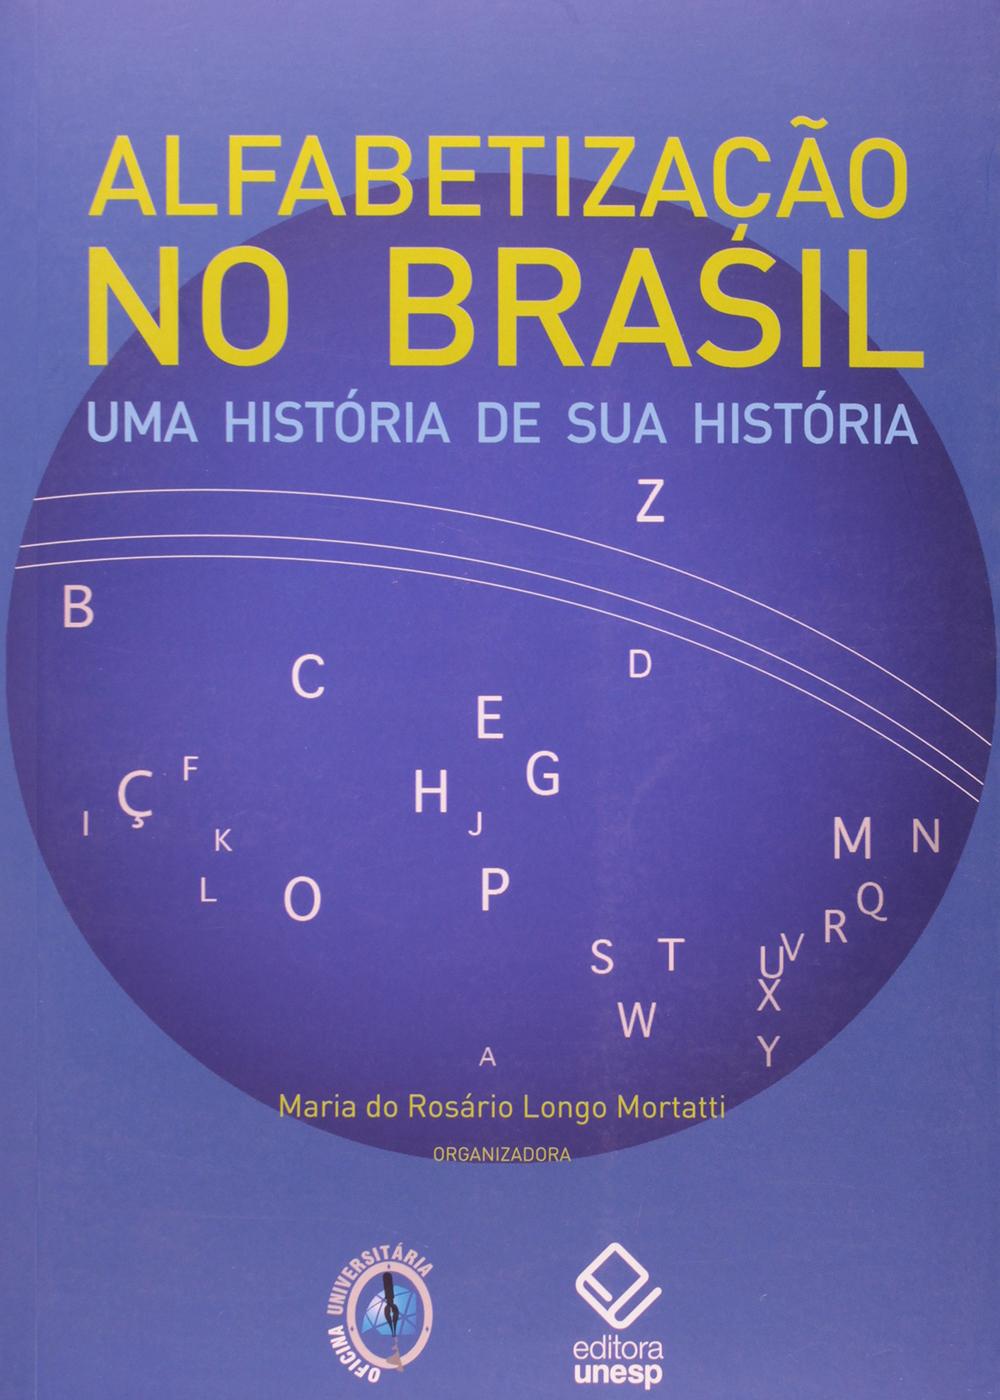 Mortatti, Maria - Alfatização no Brasil.jpg